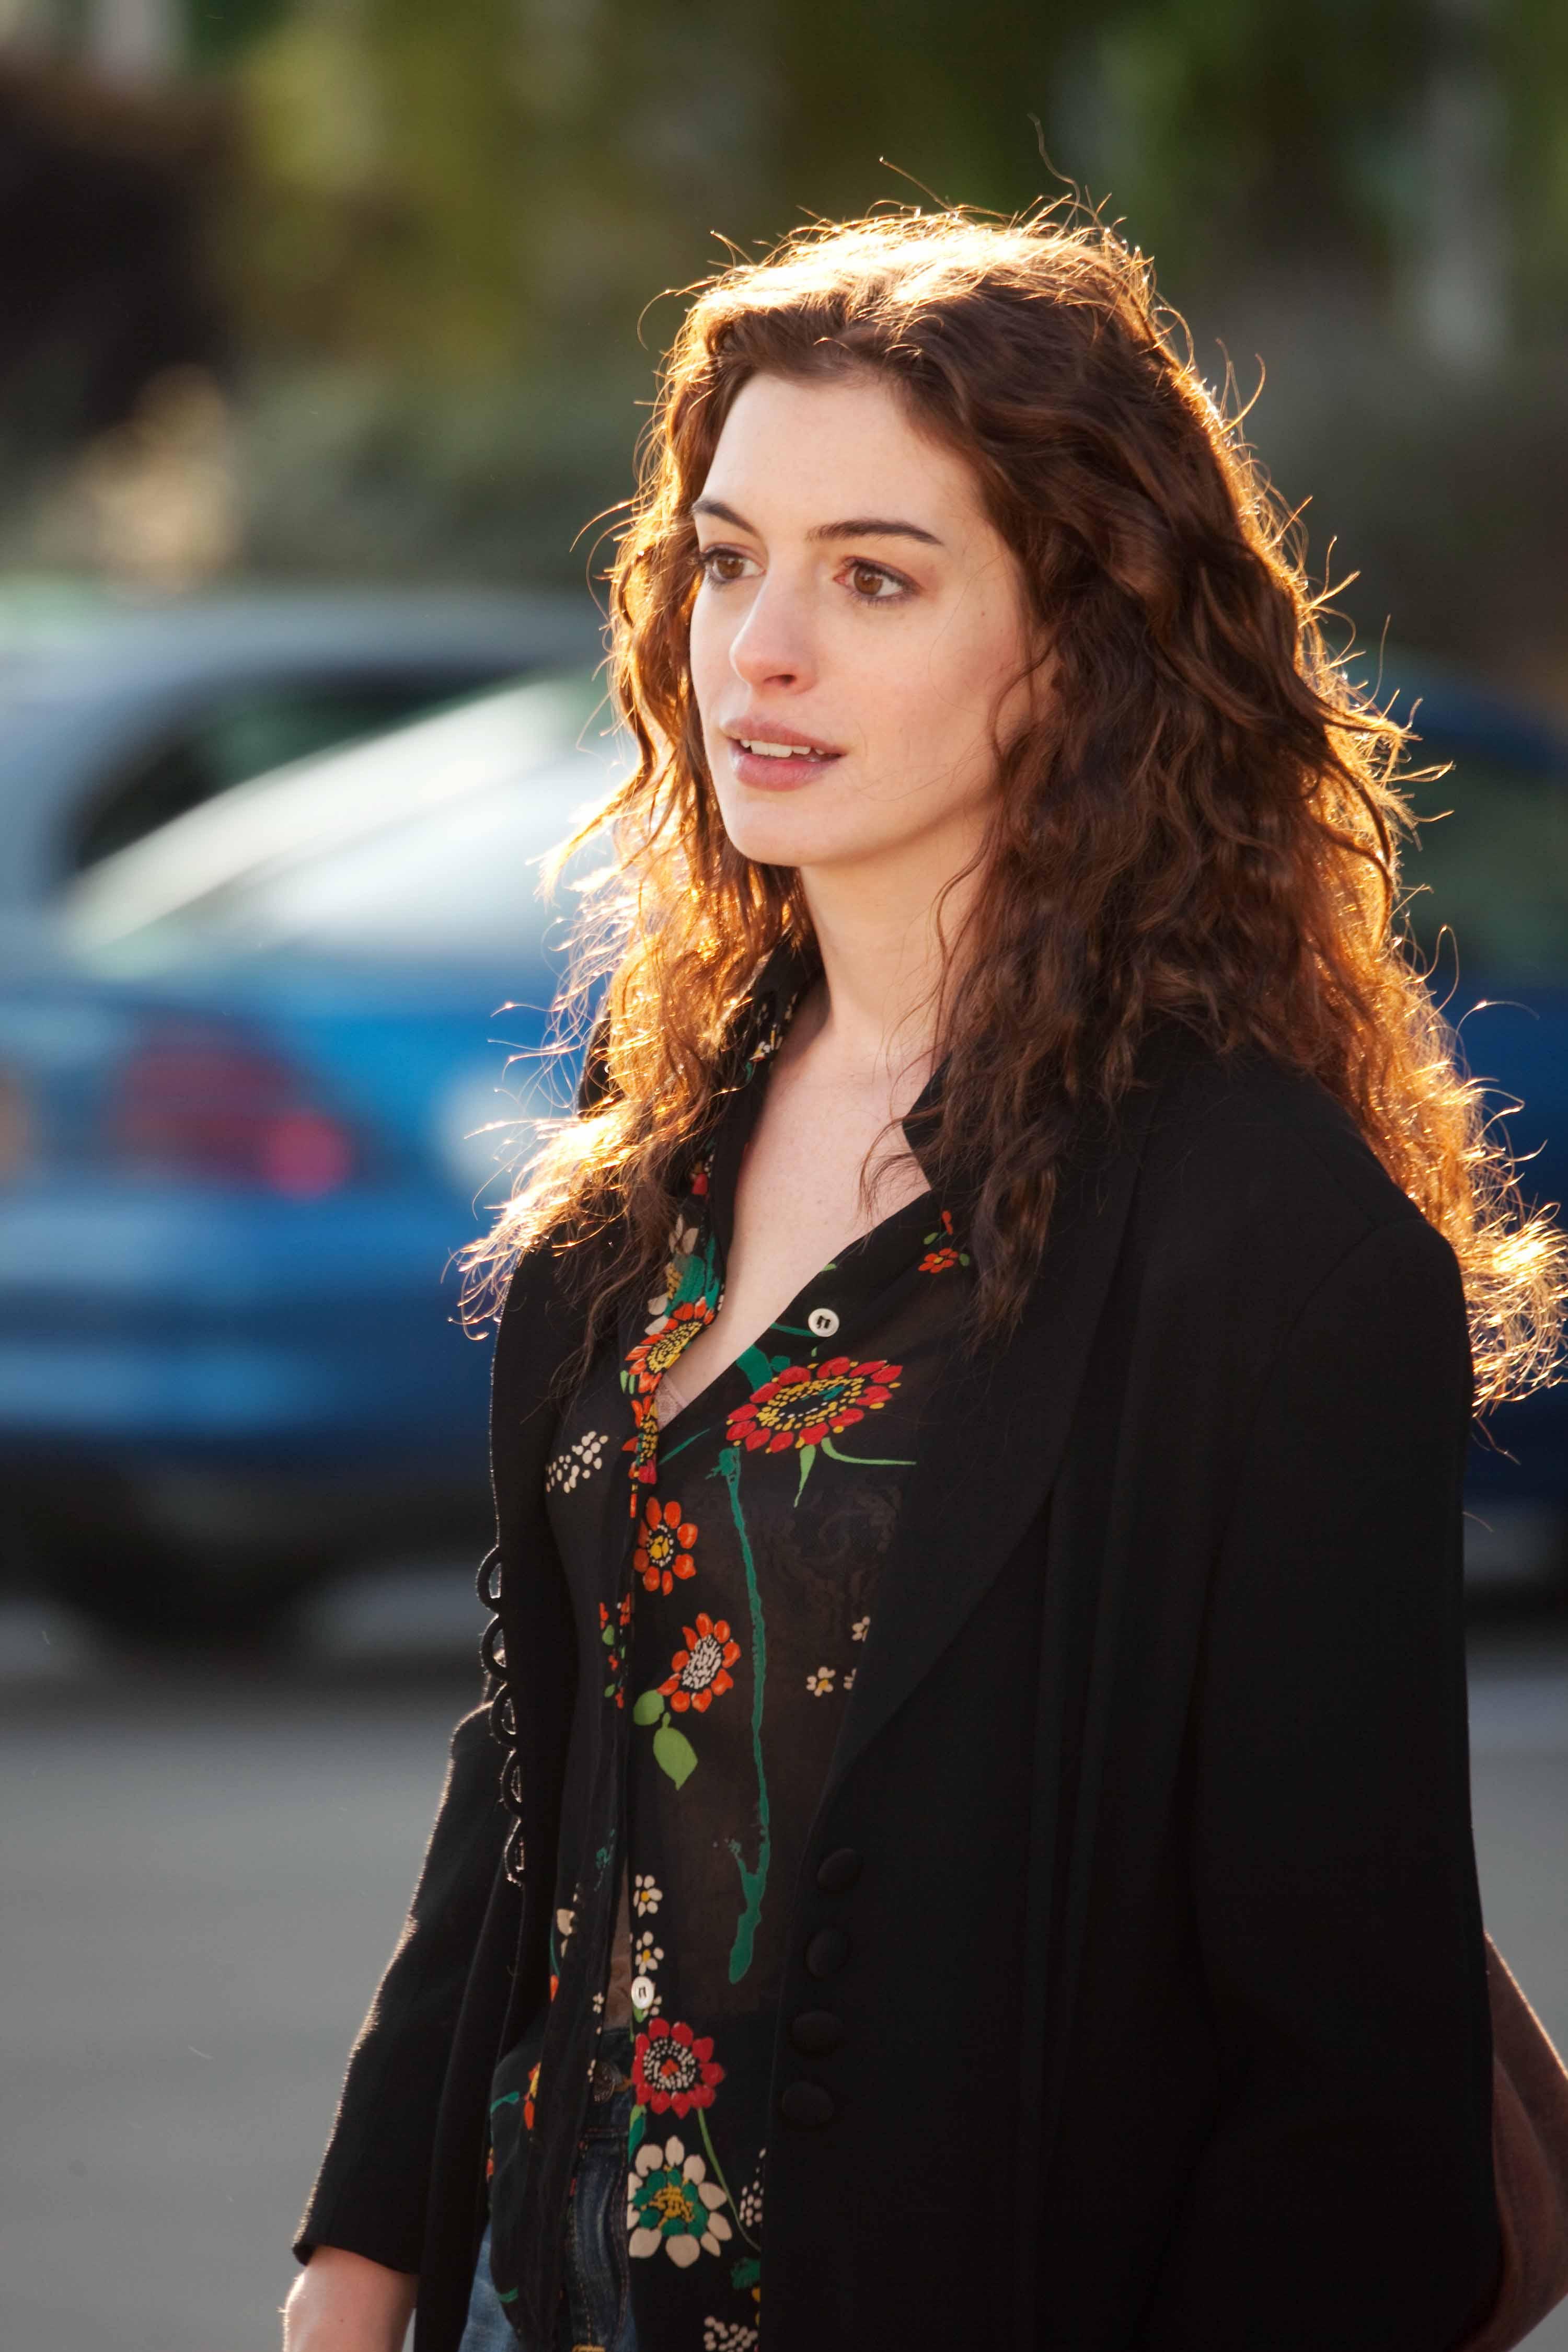 Anne Hathaway will replace Kirsten Dunst in Spider-Man 01/03/2010 24